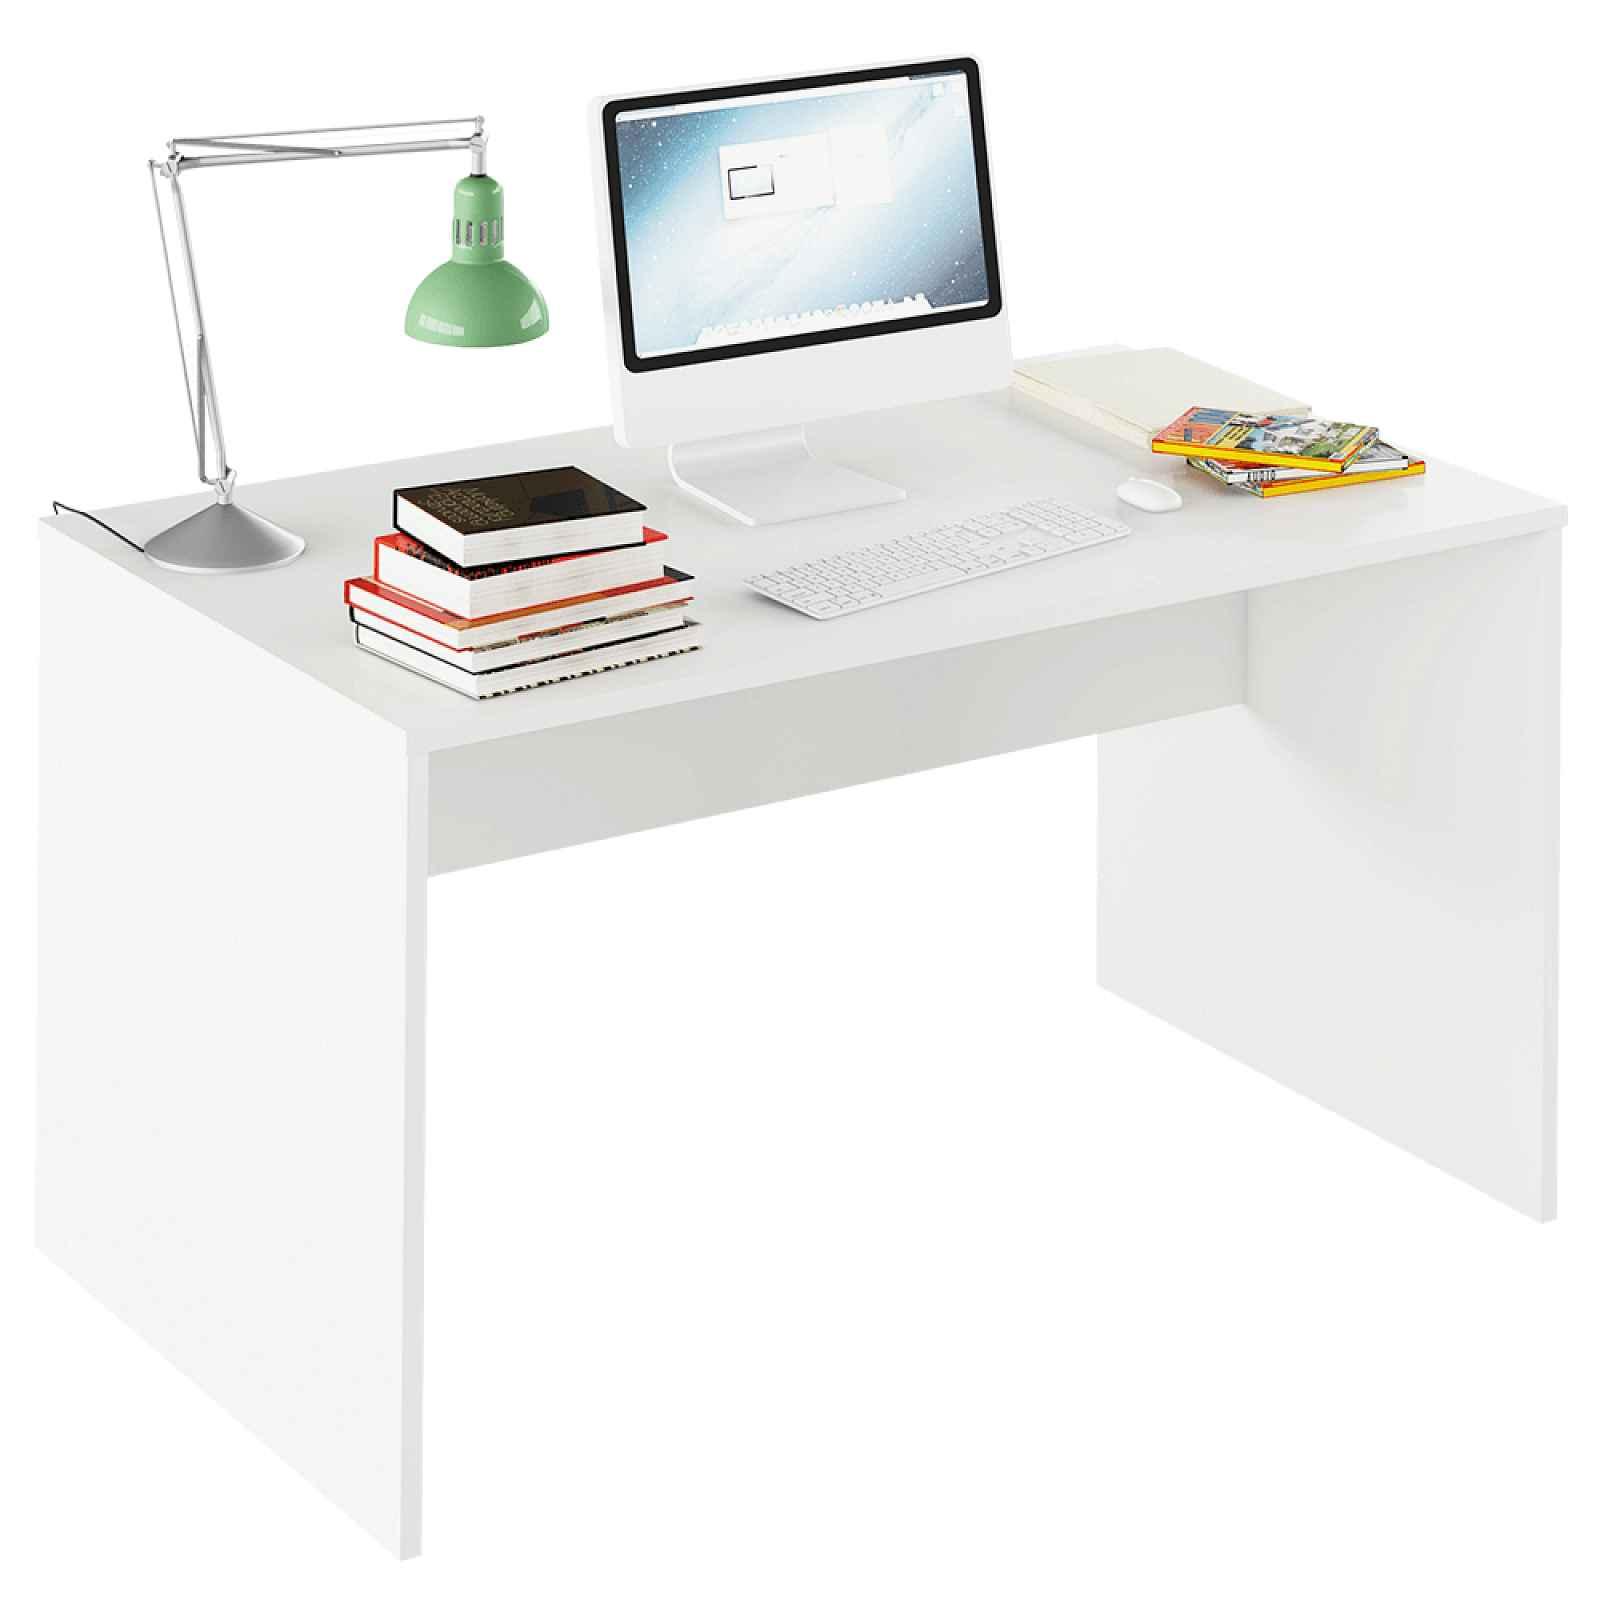 PC stůl, grafit / bílá, Rioma TYP 11 0000185732 Tempo Kondela Bílá